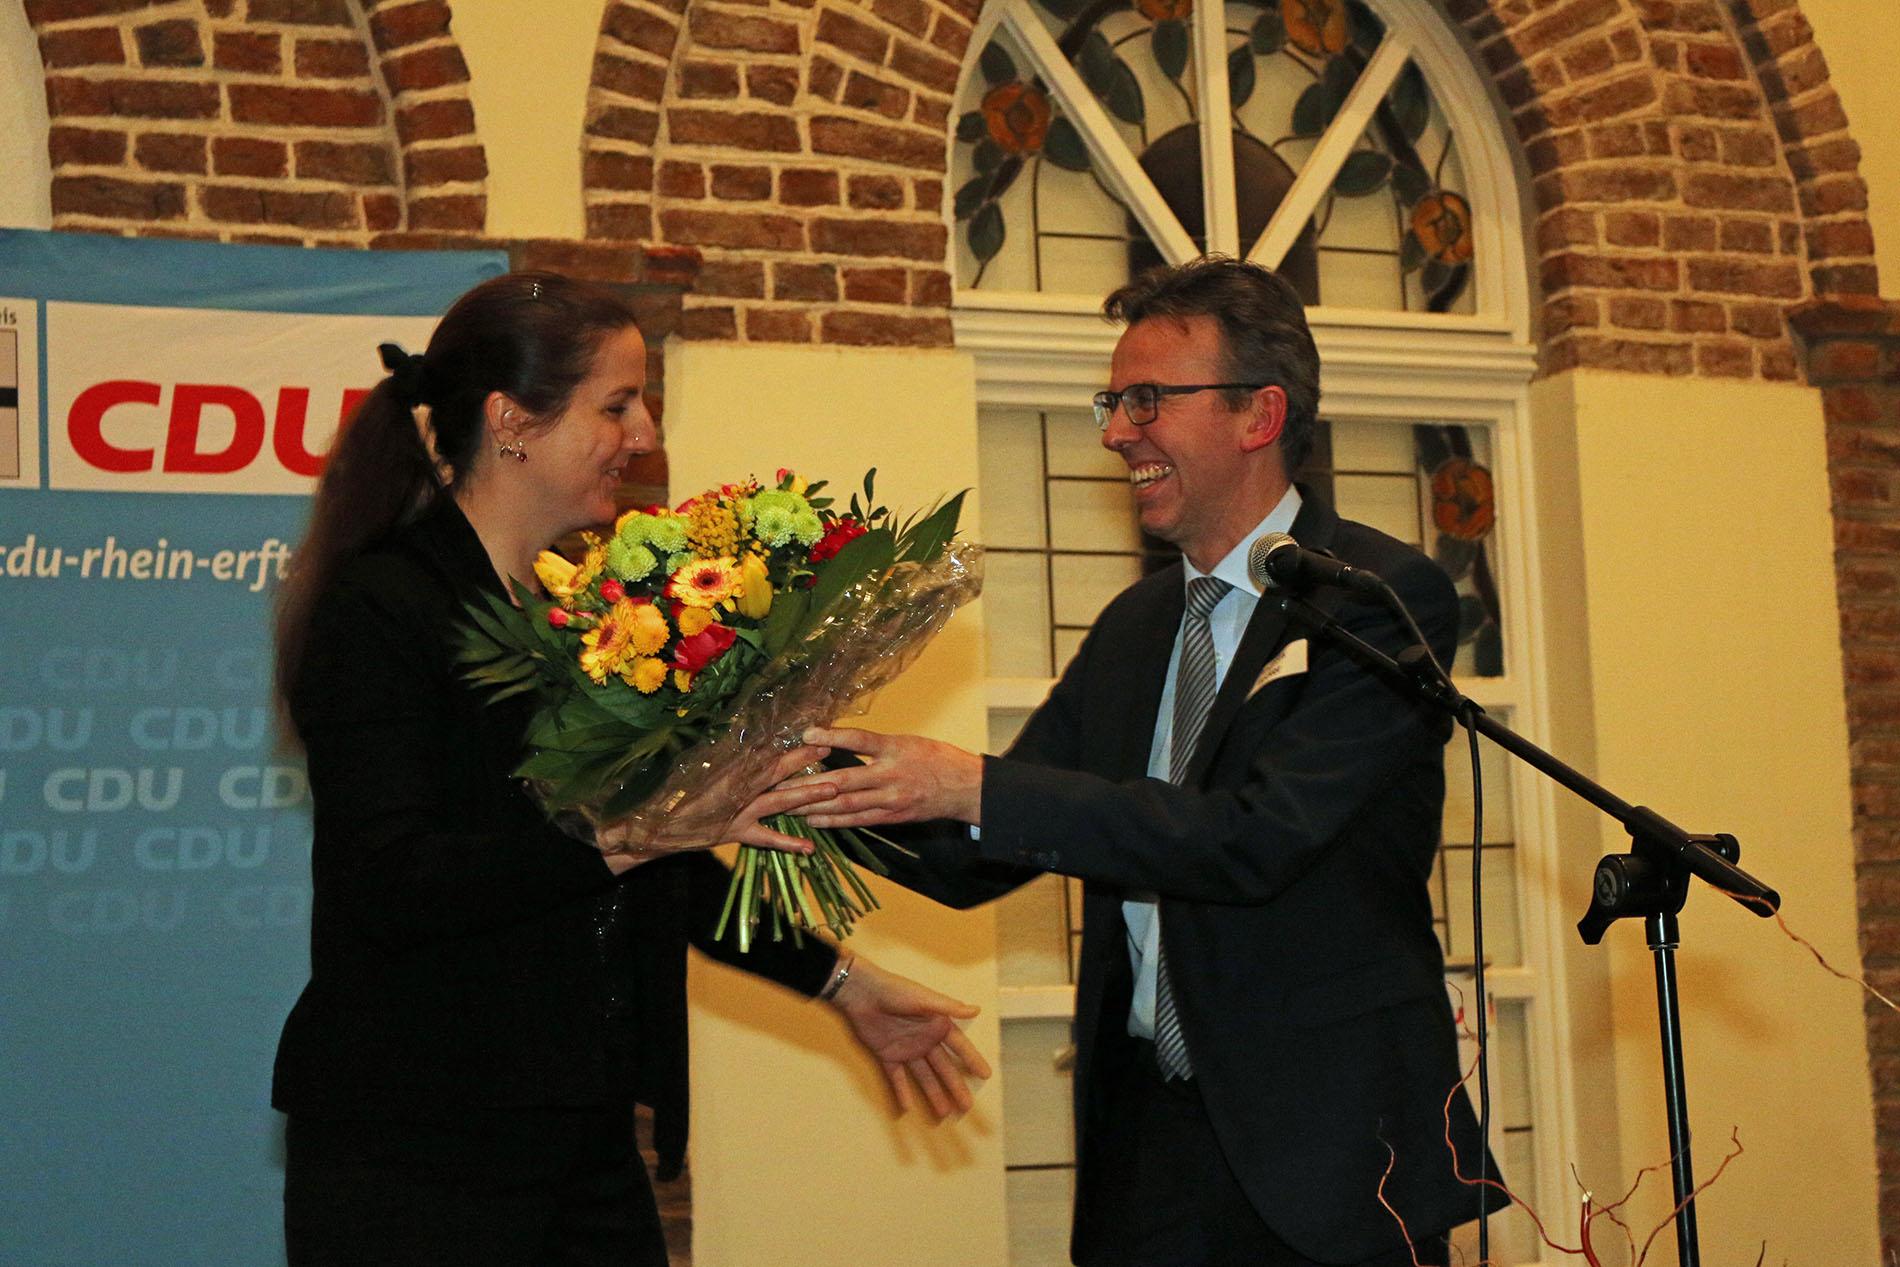 Andreas Becker, Vorsitzender des CDU Stadtverbands Bedburg, bedankte sich bei Bosenius mit einem Blumenstrauß für die musikalischen Darbietungen ihrer Jungs.